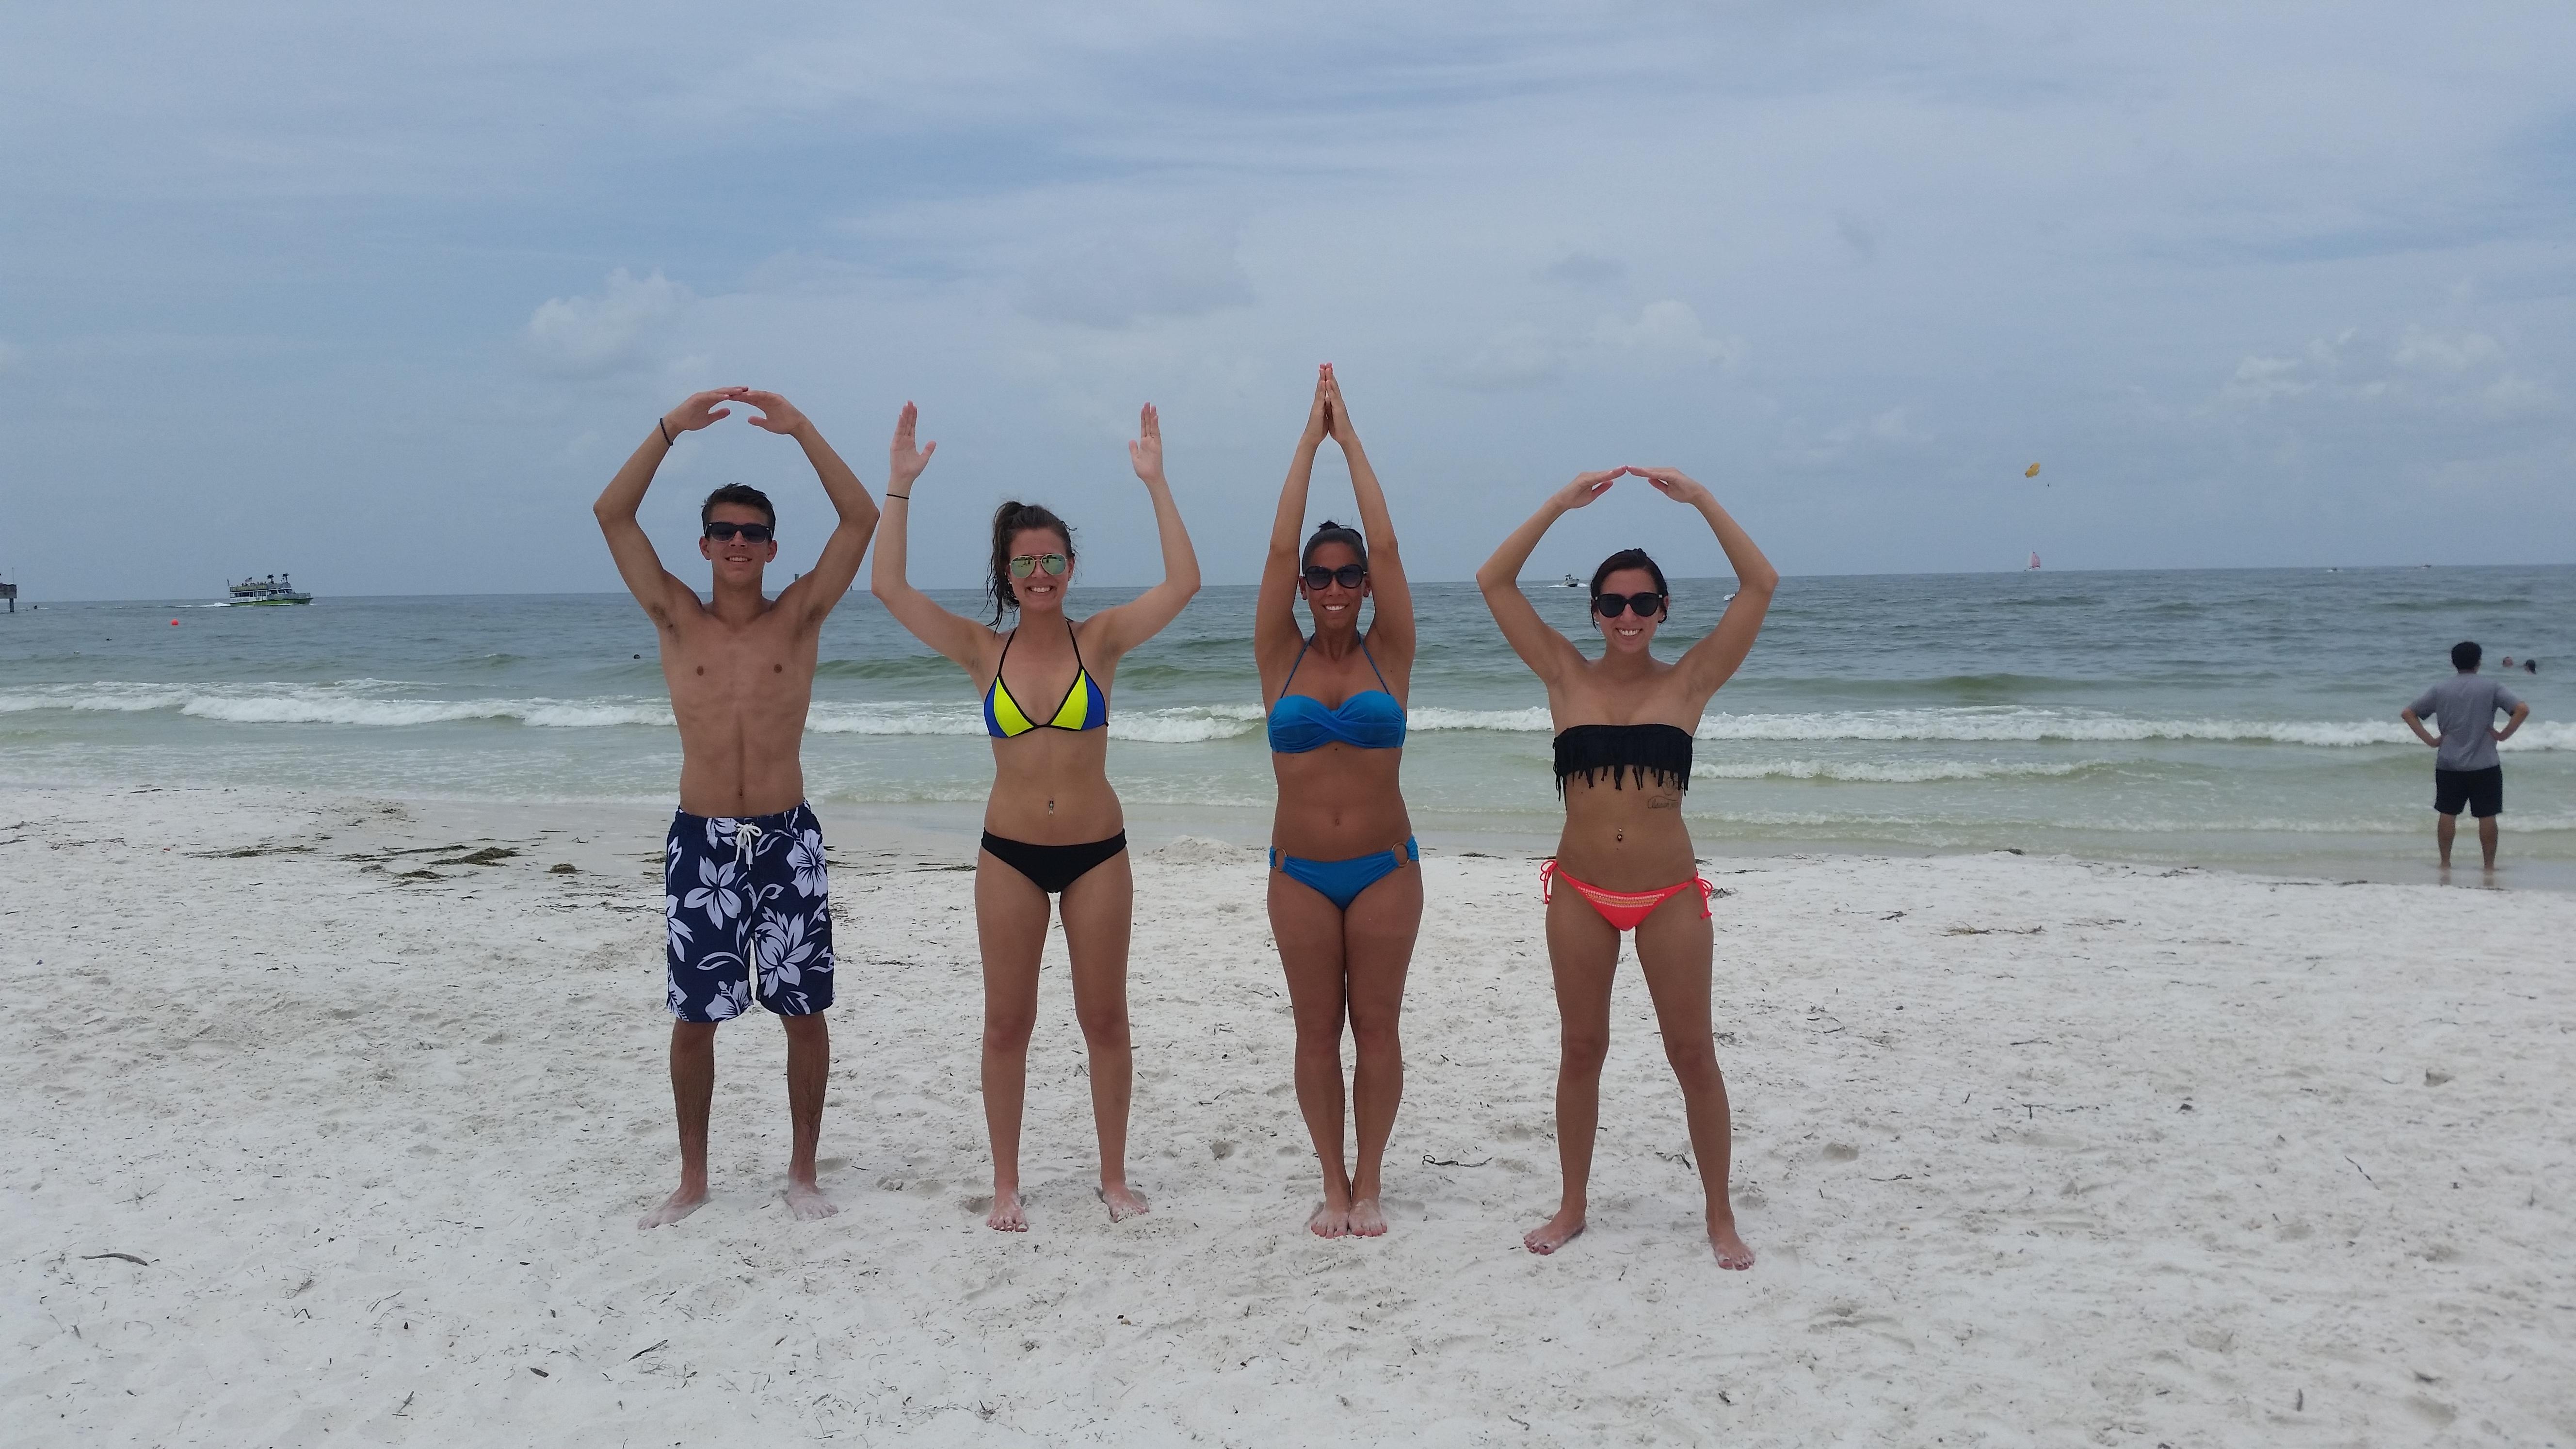 O H I Clearwater Beach Florida